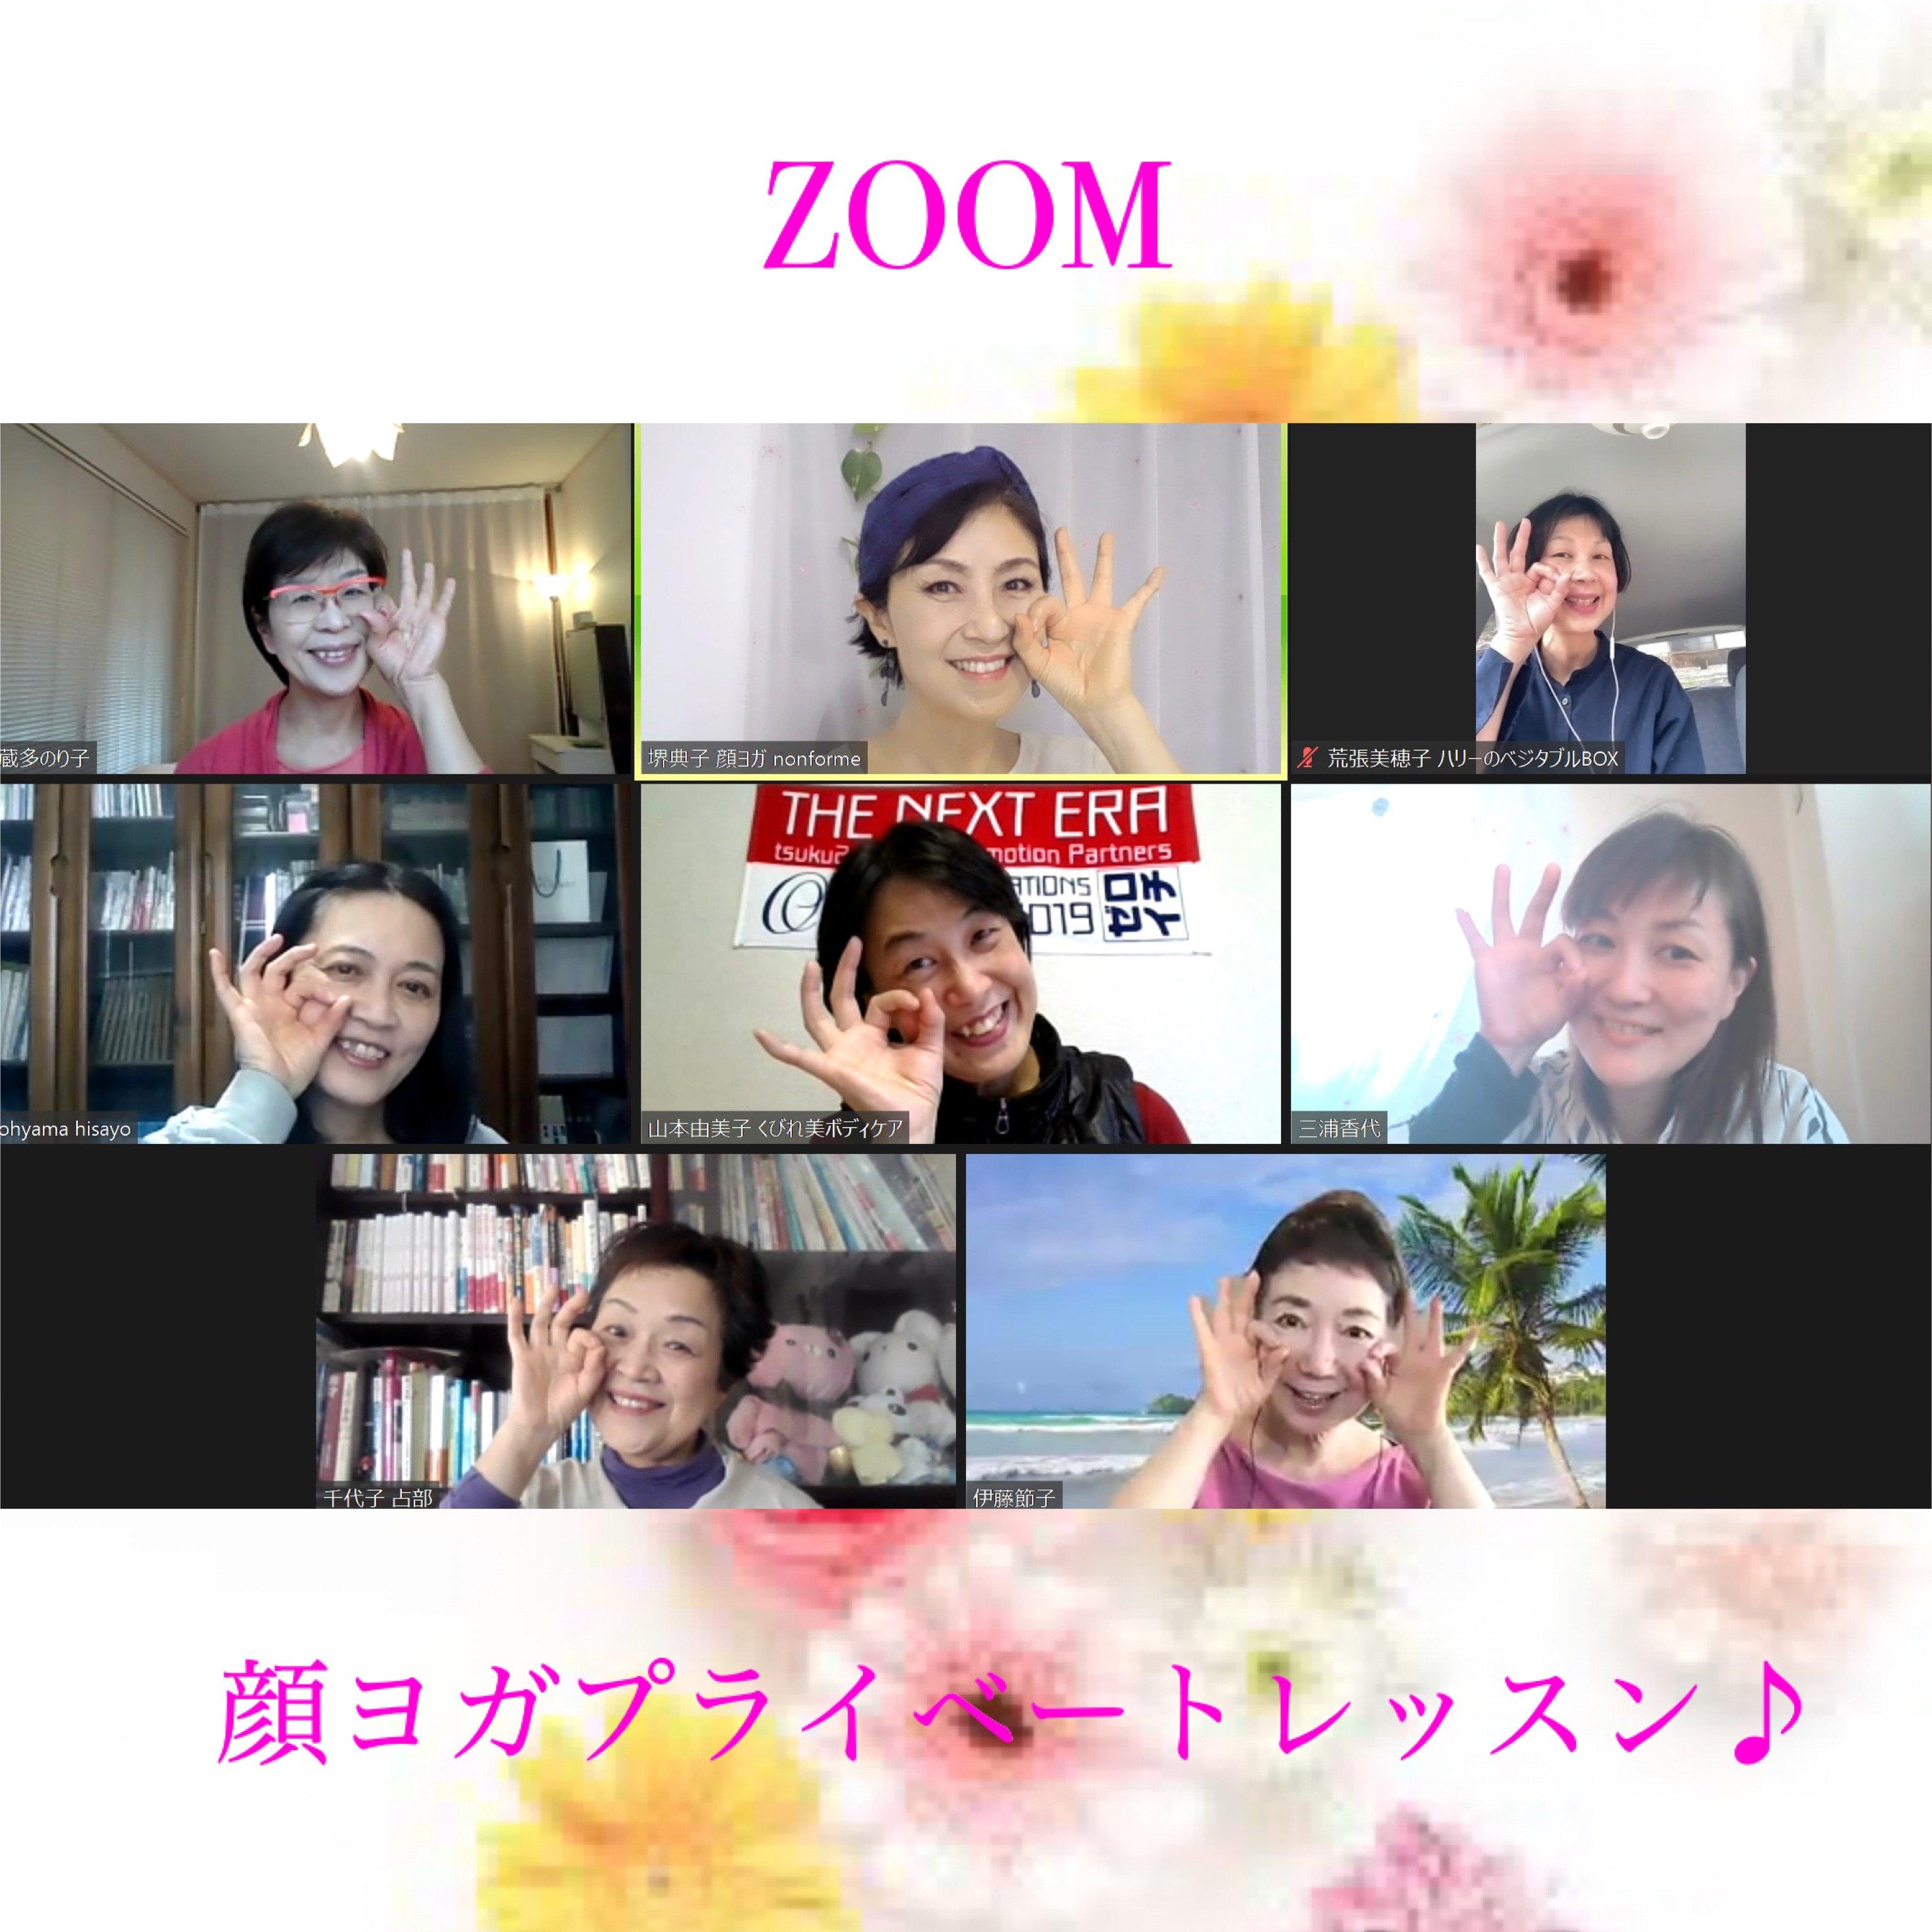 4/24(土)10:30 zoomズーム顔ヨガ・目ヂカラアップ!疲れ目さよなら♪オンライングループレッスンのイメージその2